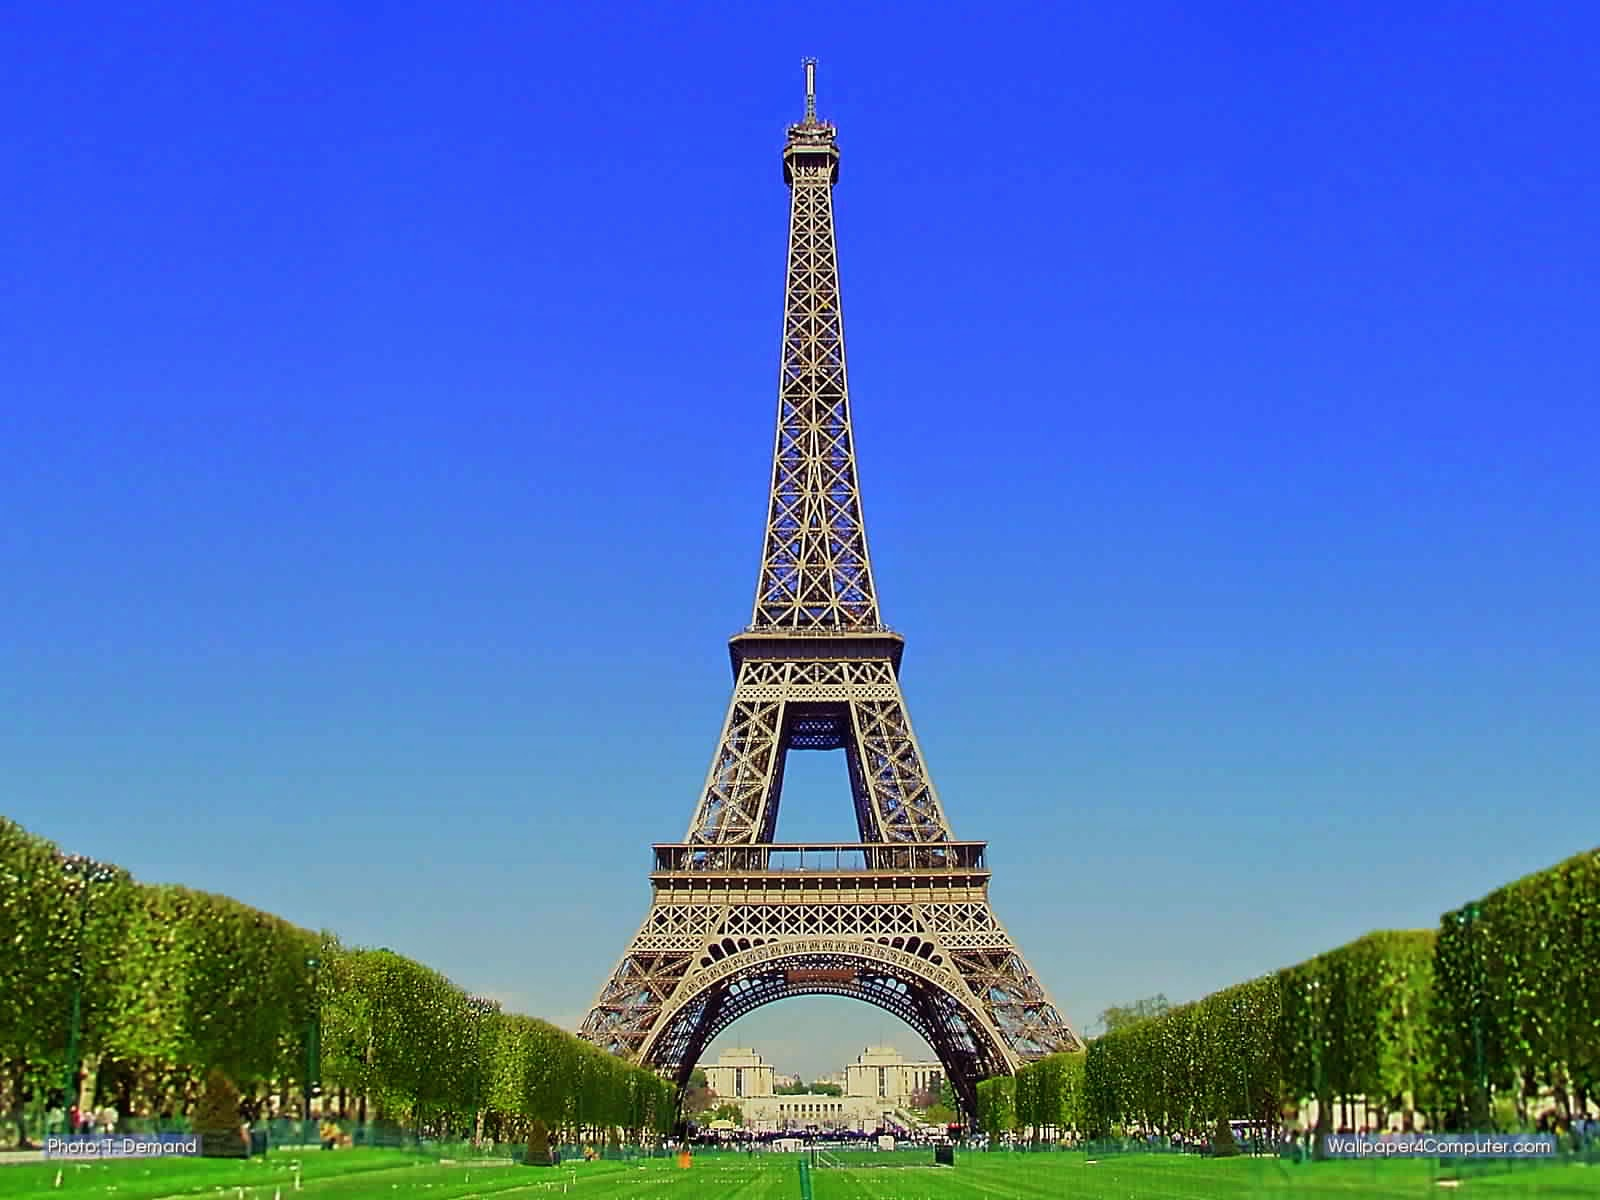 صوره صور لبرج ايفل , اجمل صور لبرح ايفل بفرنسا